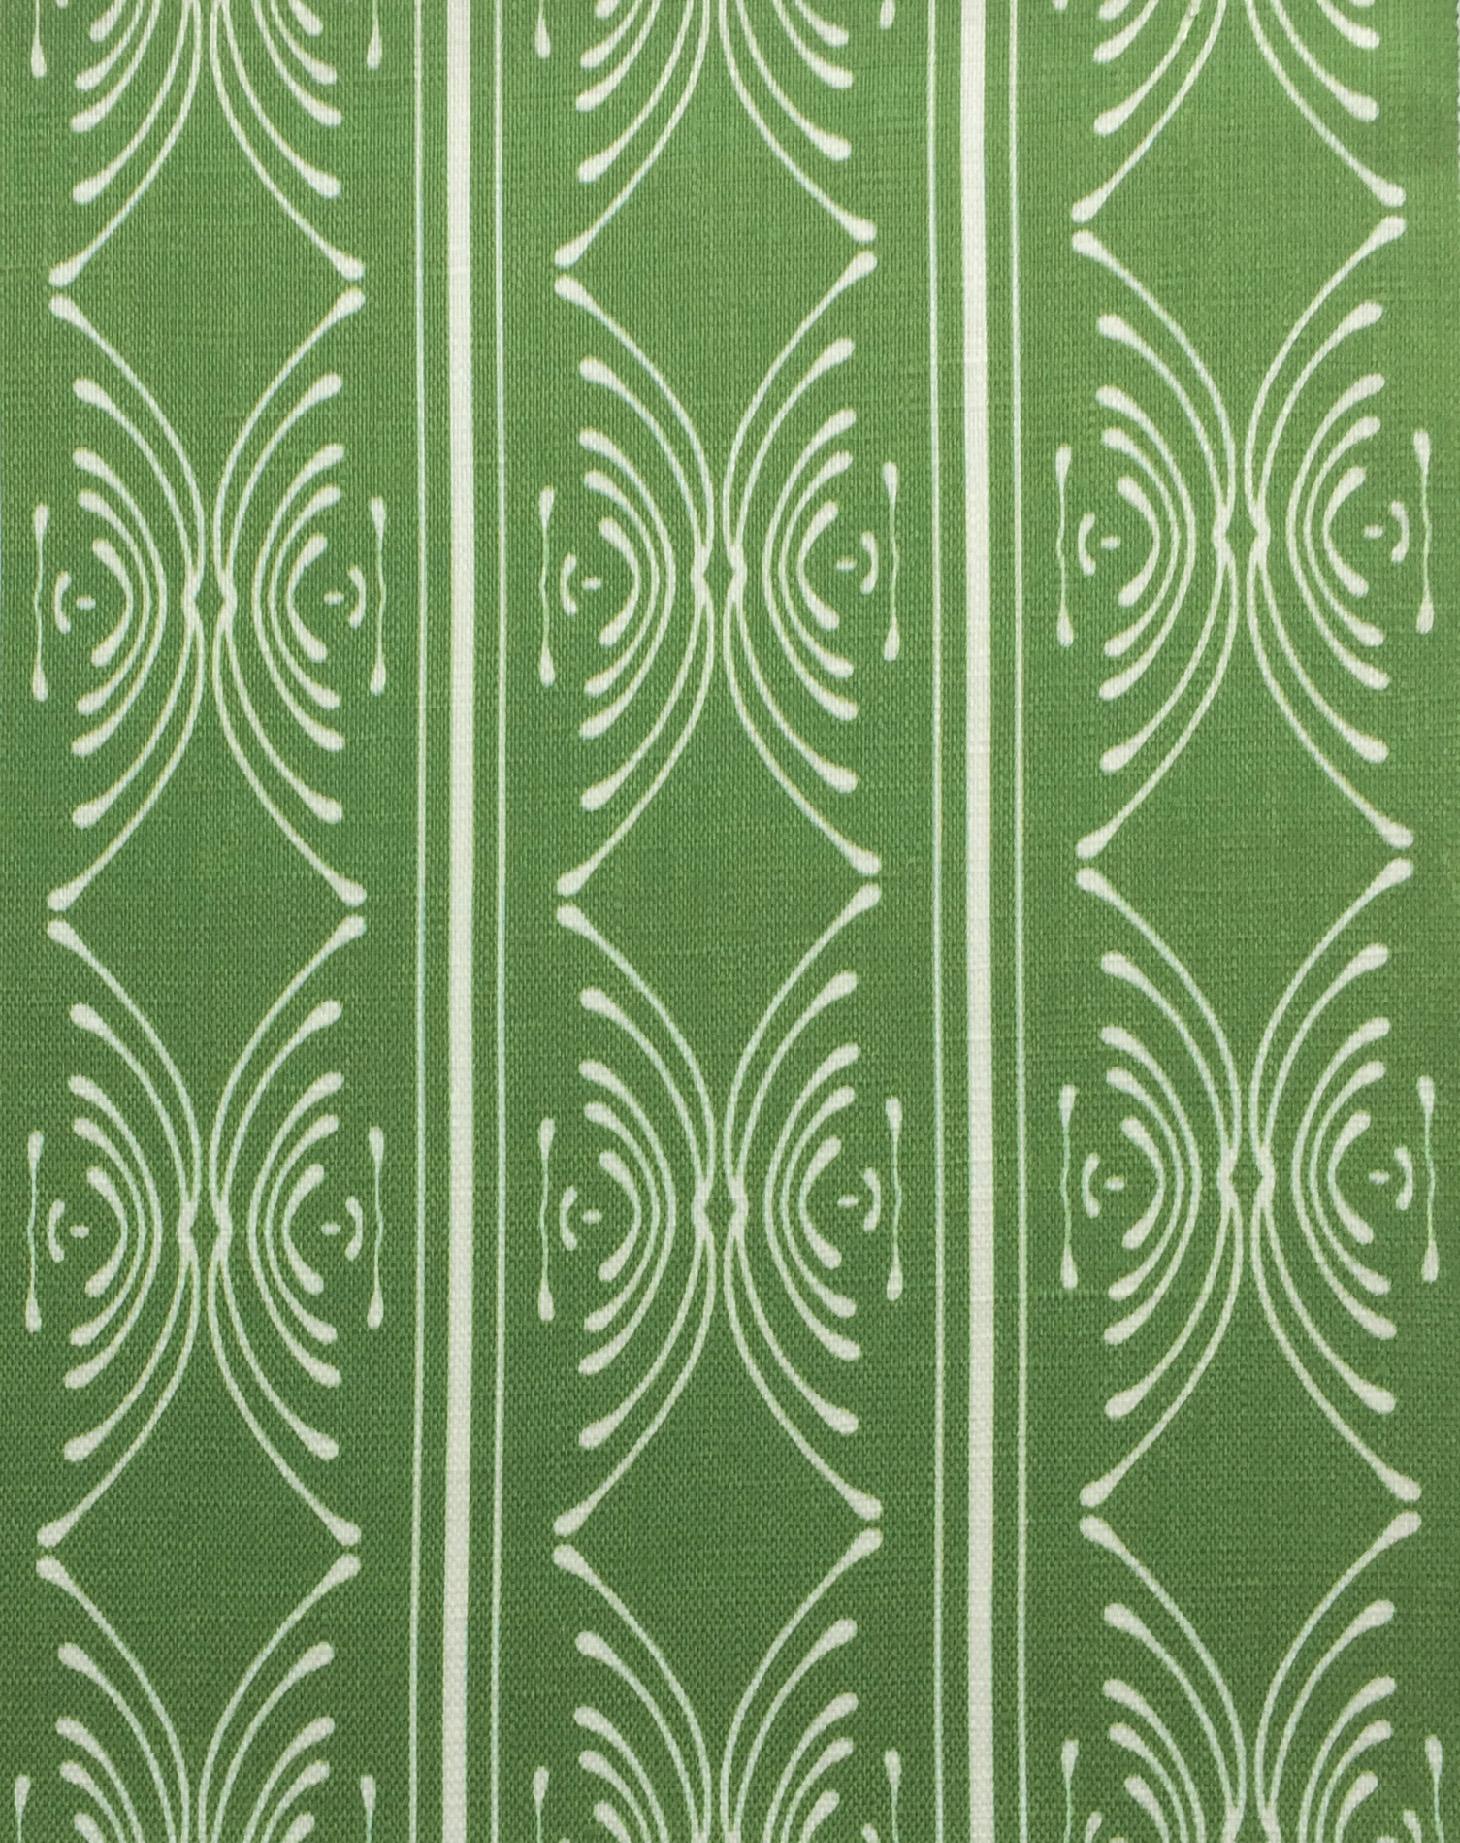 Small Kris Kross: Leaf